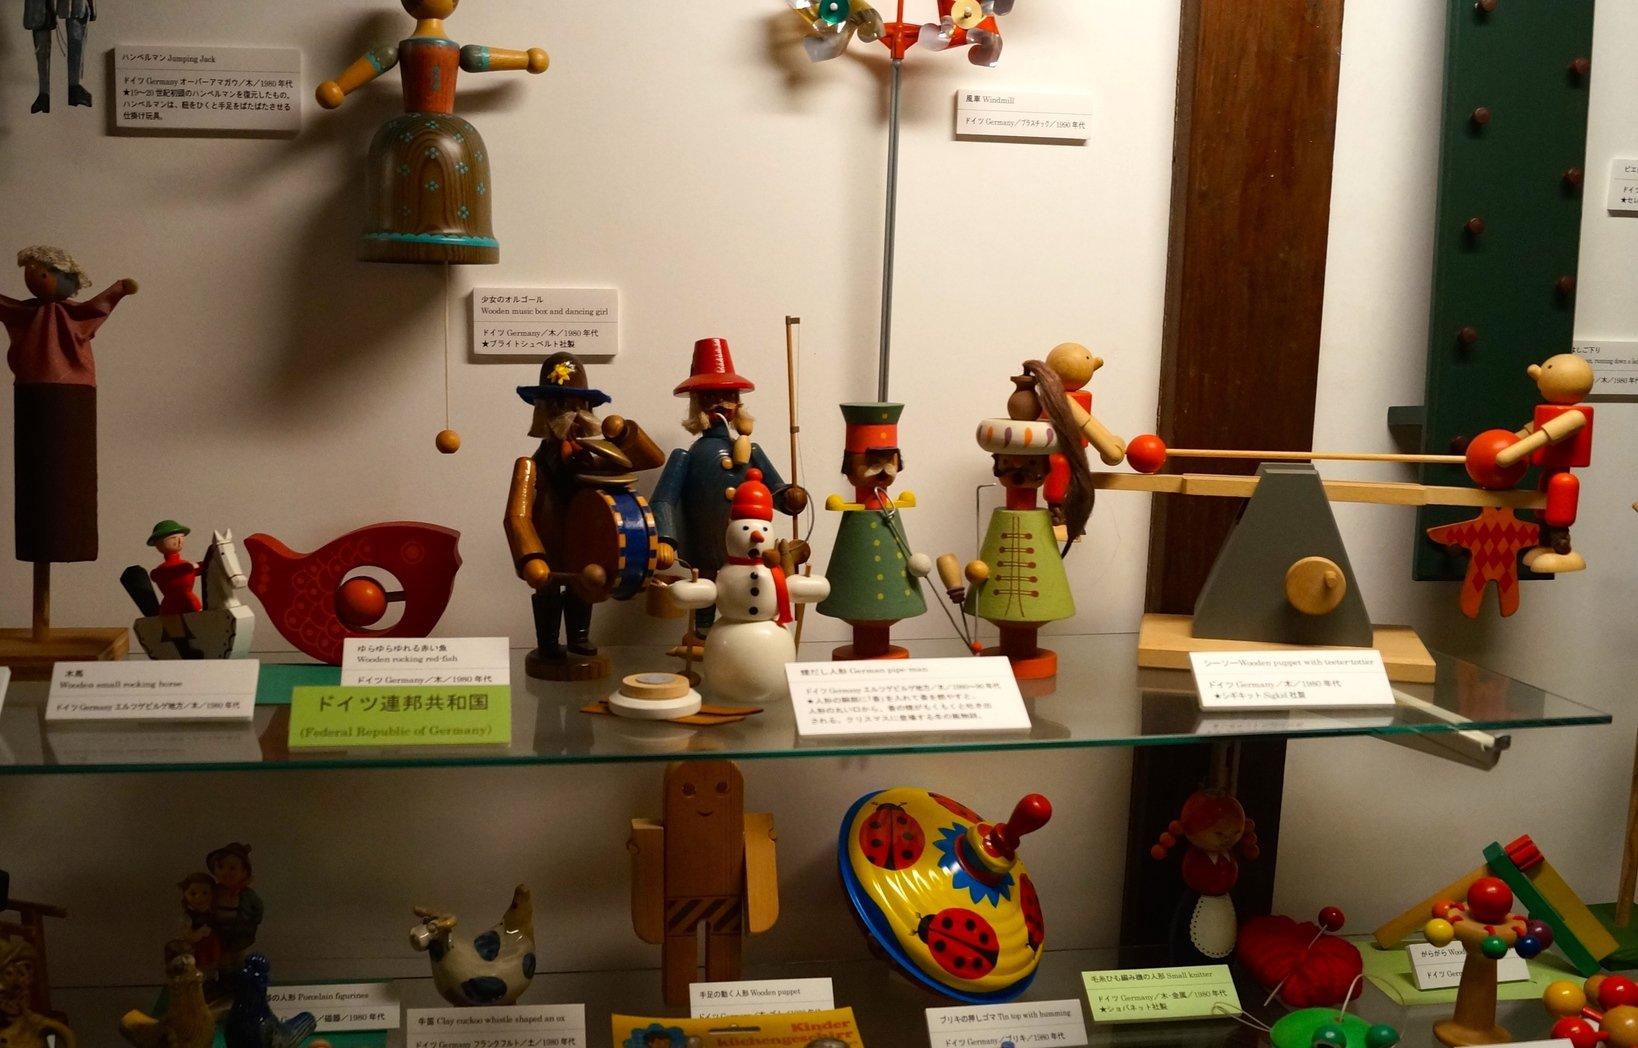 ドイツの玩具は、木製で暖かみを感じる物が多いです